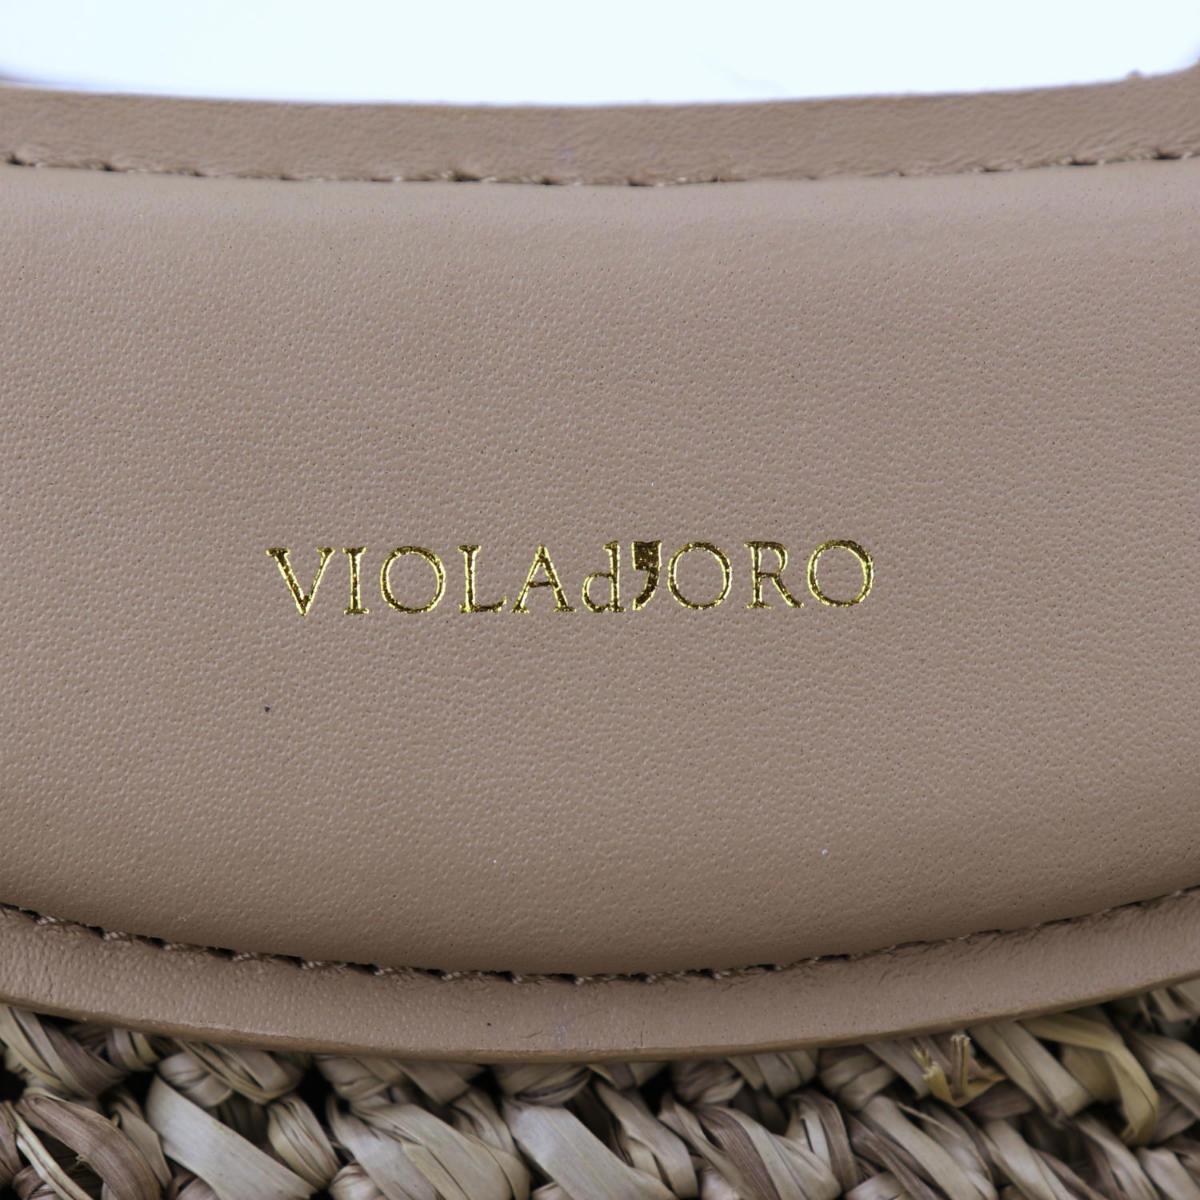 ヴィオラドーロ VIOLAd'ORO レディース ラフィア レザー 2WAY ハンドバッグ SANDRO V-8429 VLD(ベージュ) 春夏新作